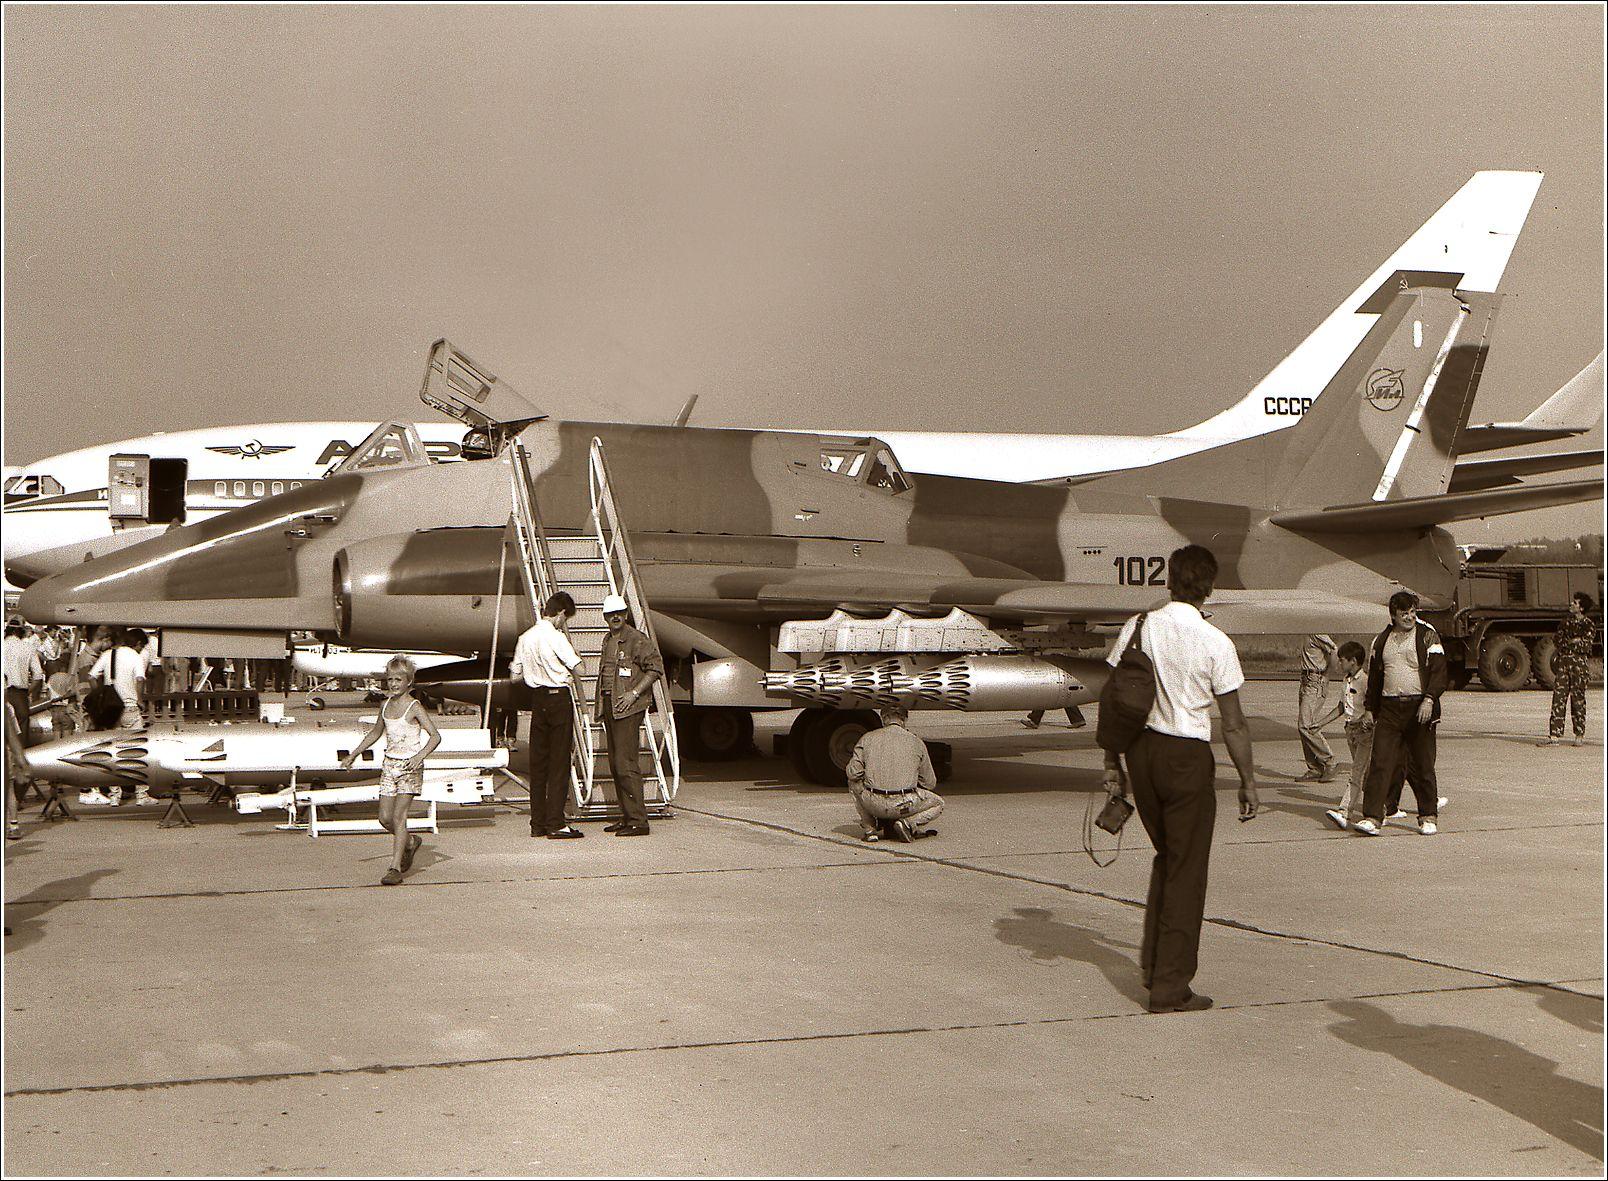 Ил-102 (1992 год) Ил-102 авиация самолет стоянка Жуковский 1992